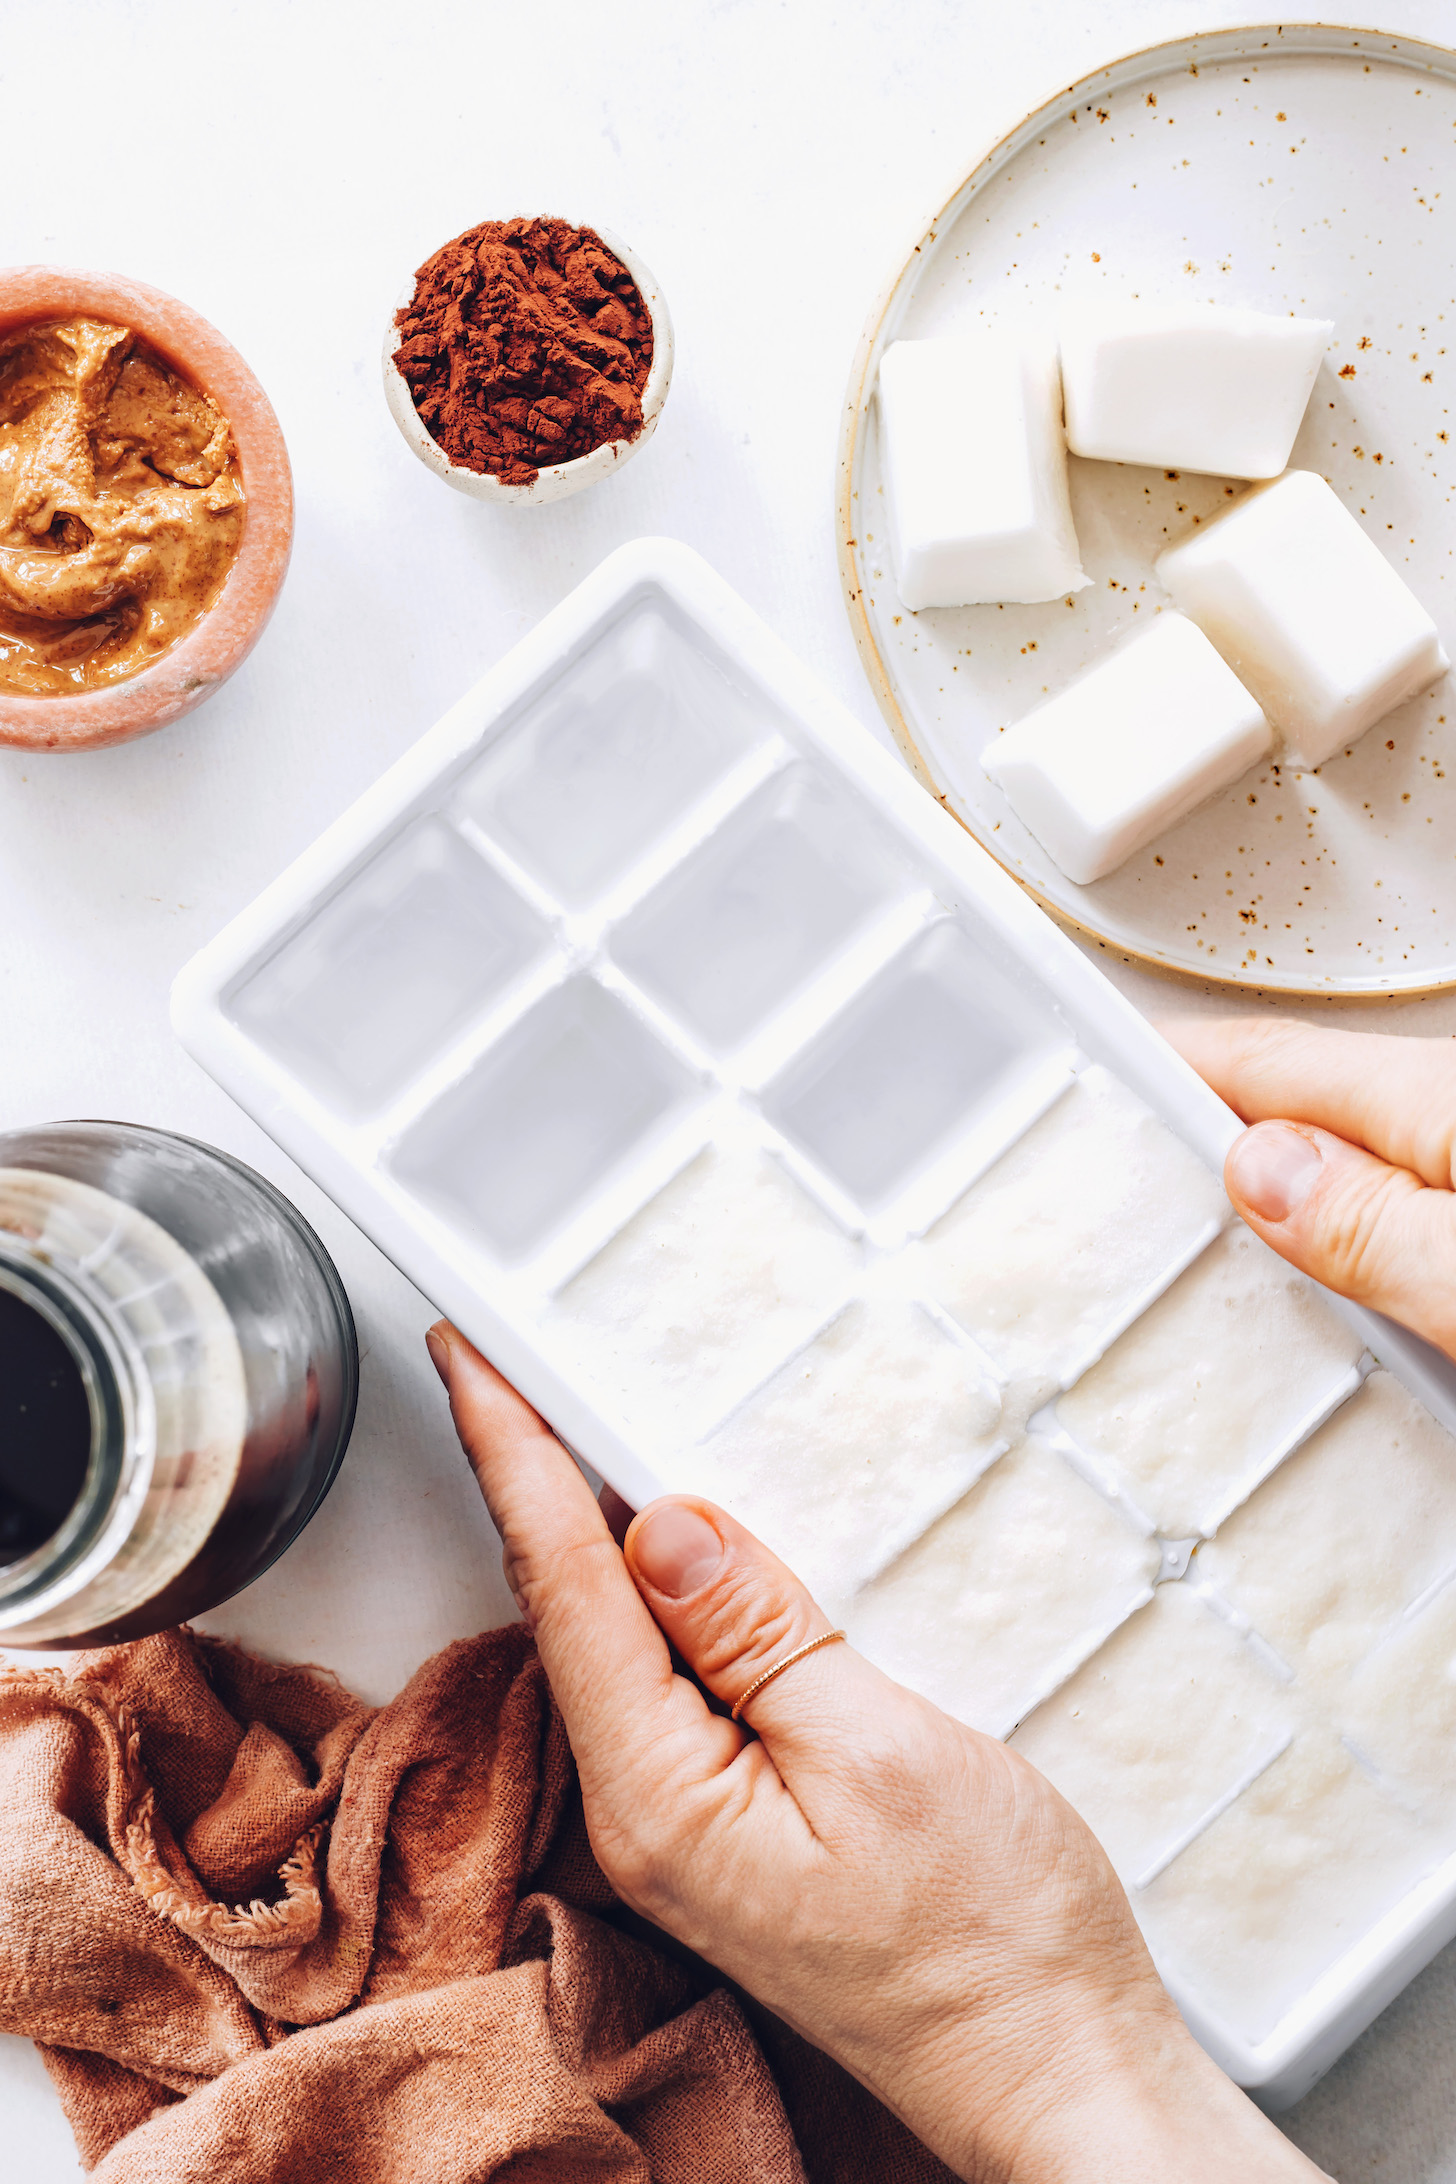 Bir buz kalıbında hindistan cevizi sütü, akçaağaç şurubu ve vanilya